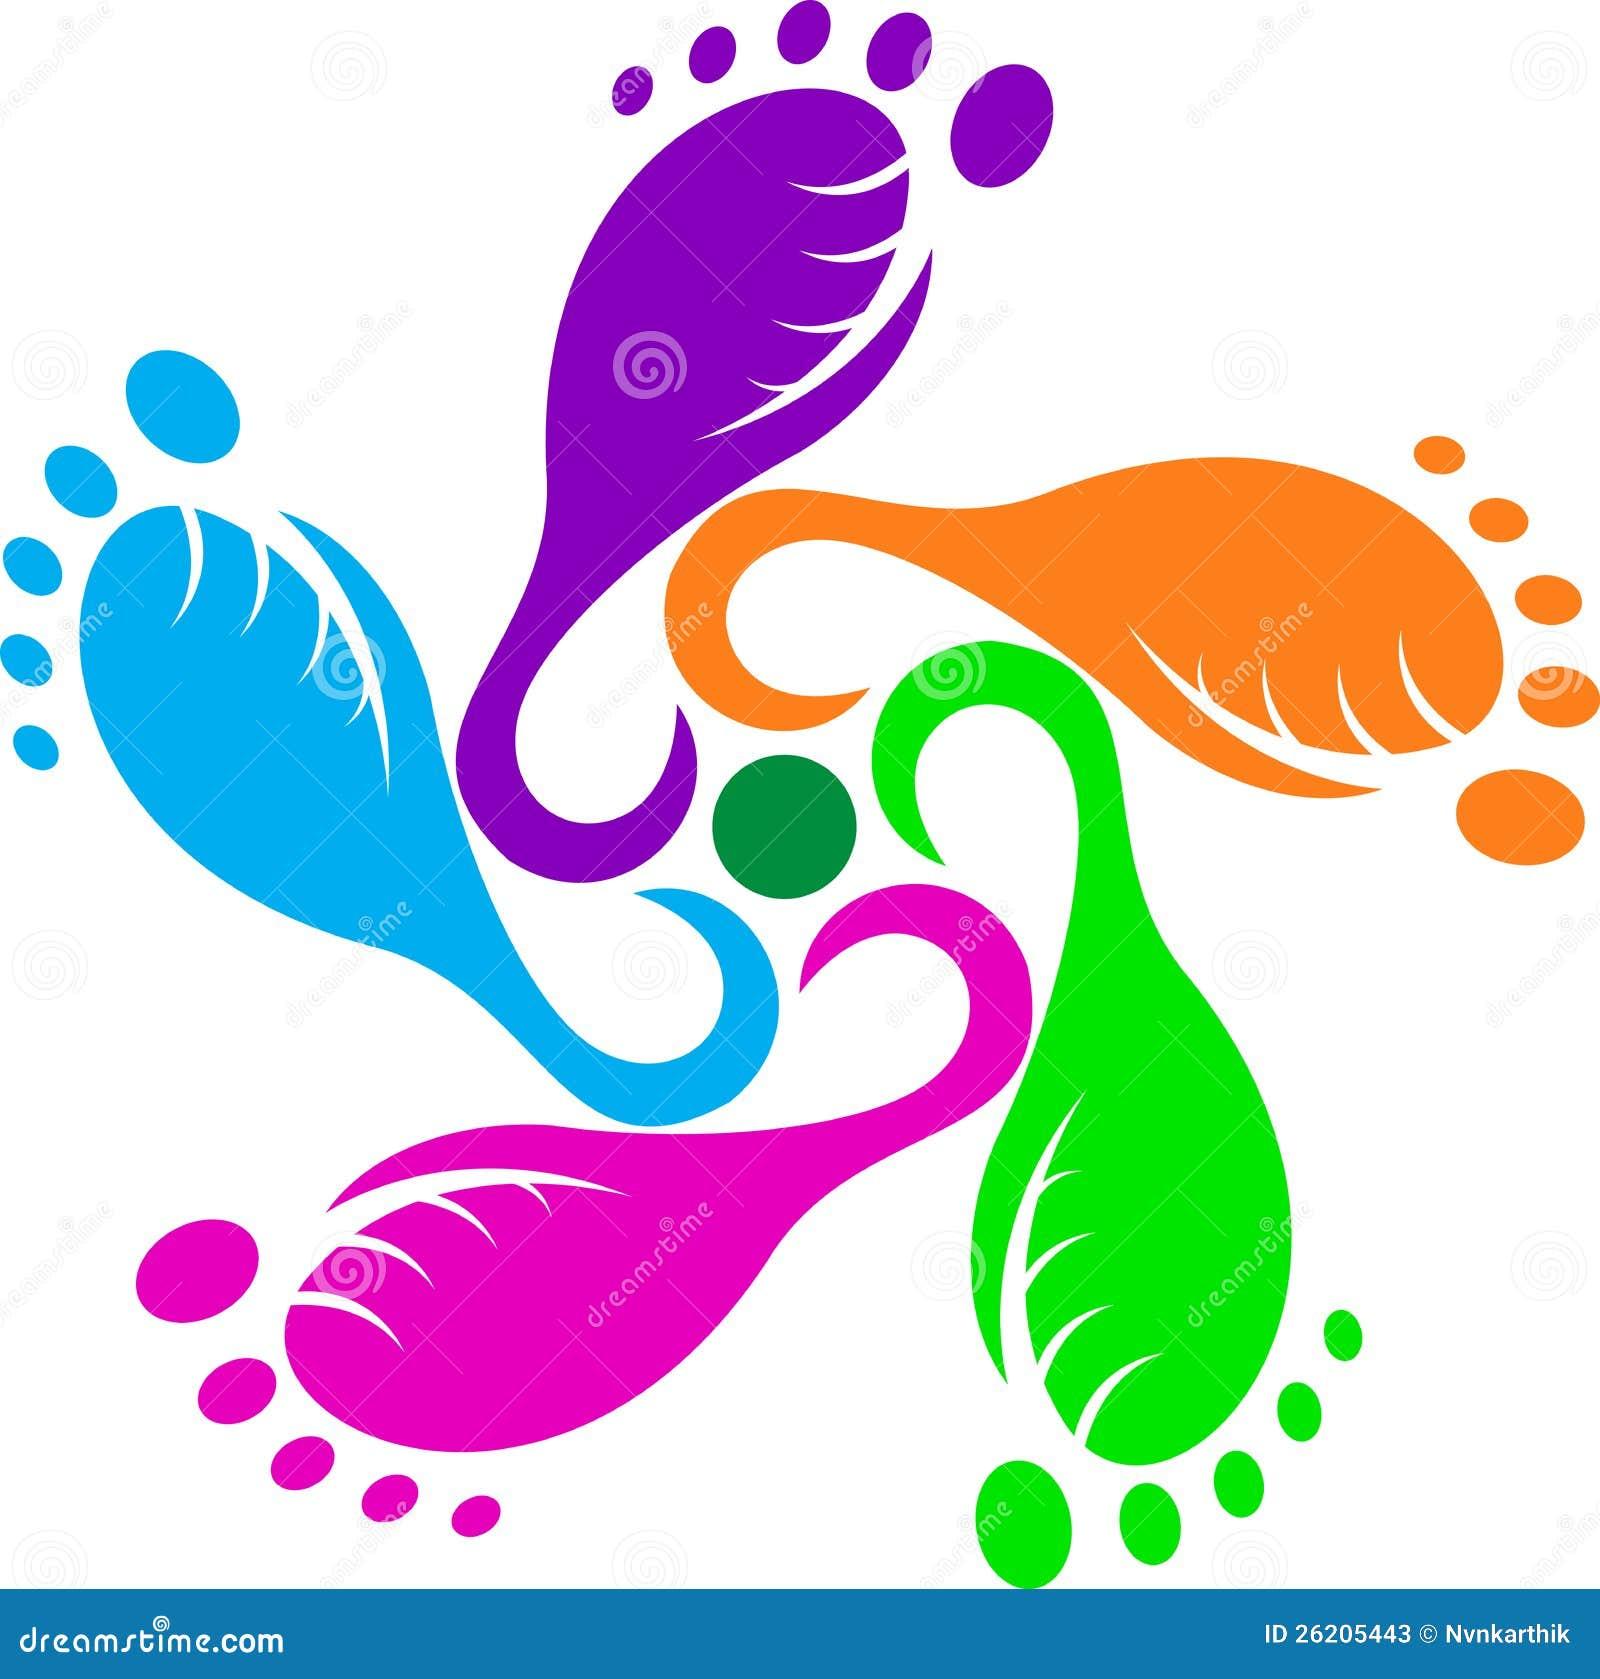 Abstract foot print